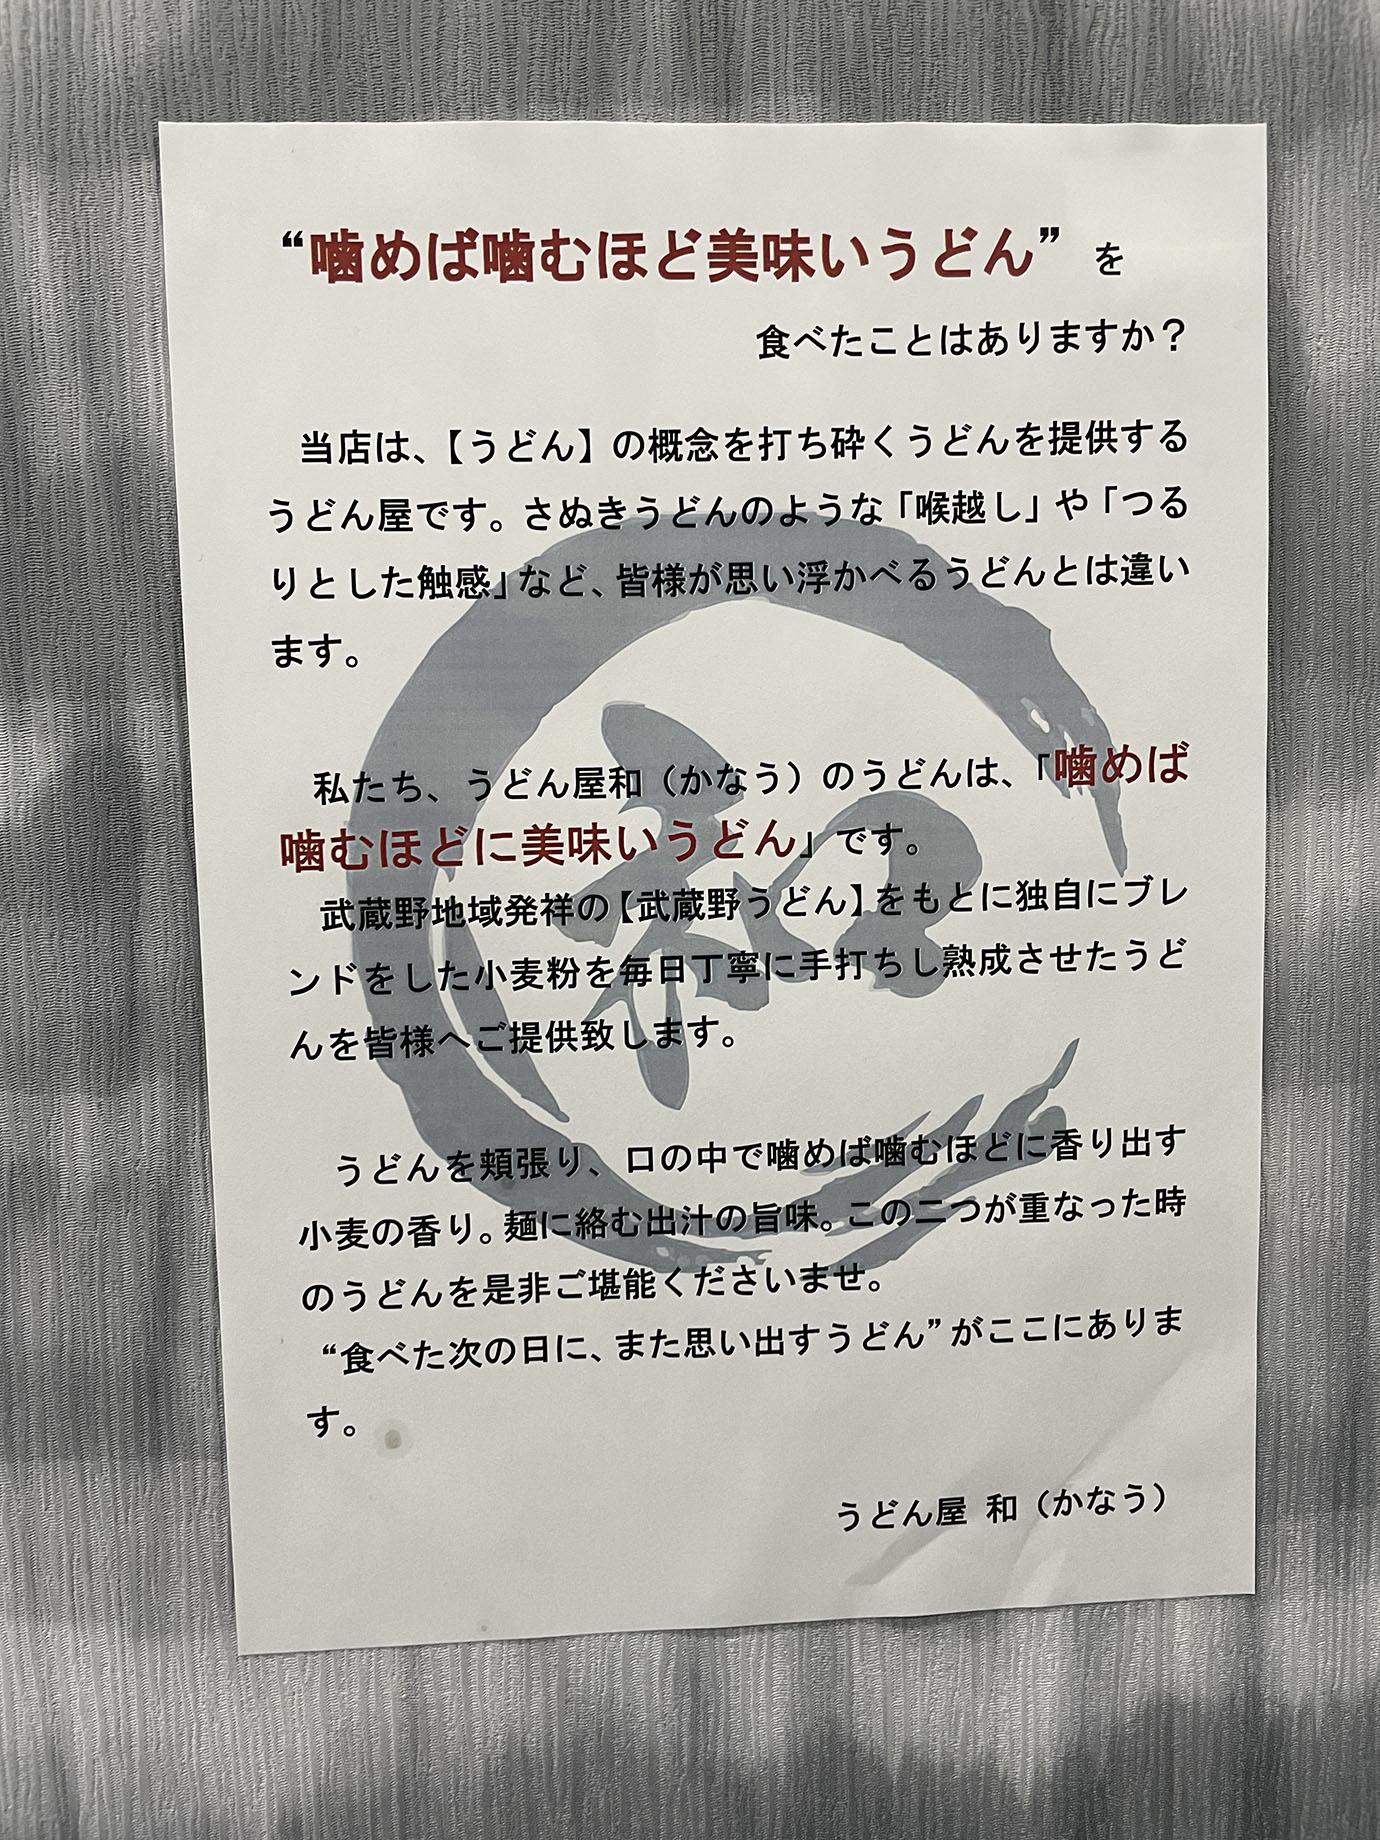 tokyo-gotanda-udon-kanau1